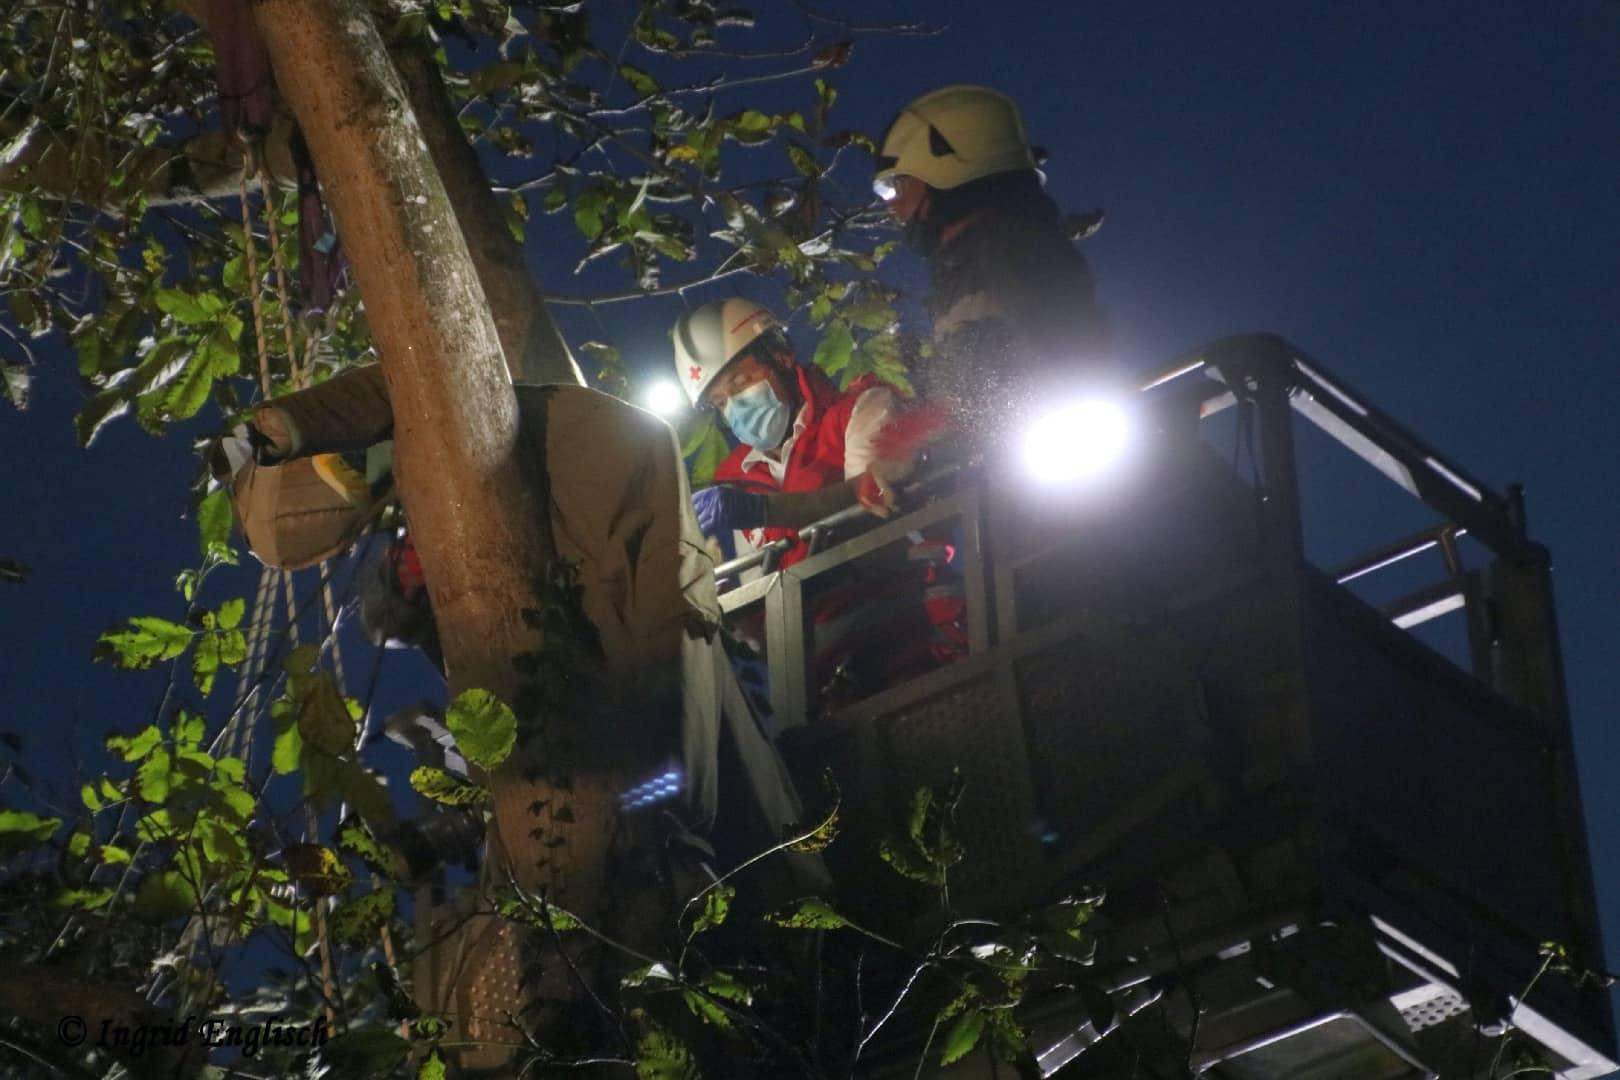 Zwei Personen aus Baumkrone gerettet